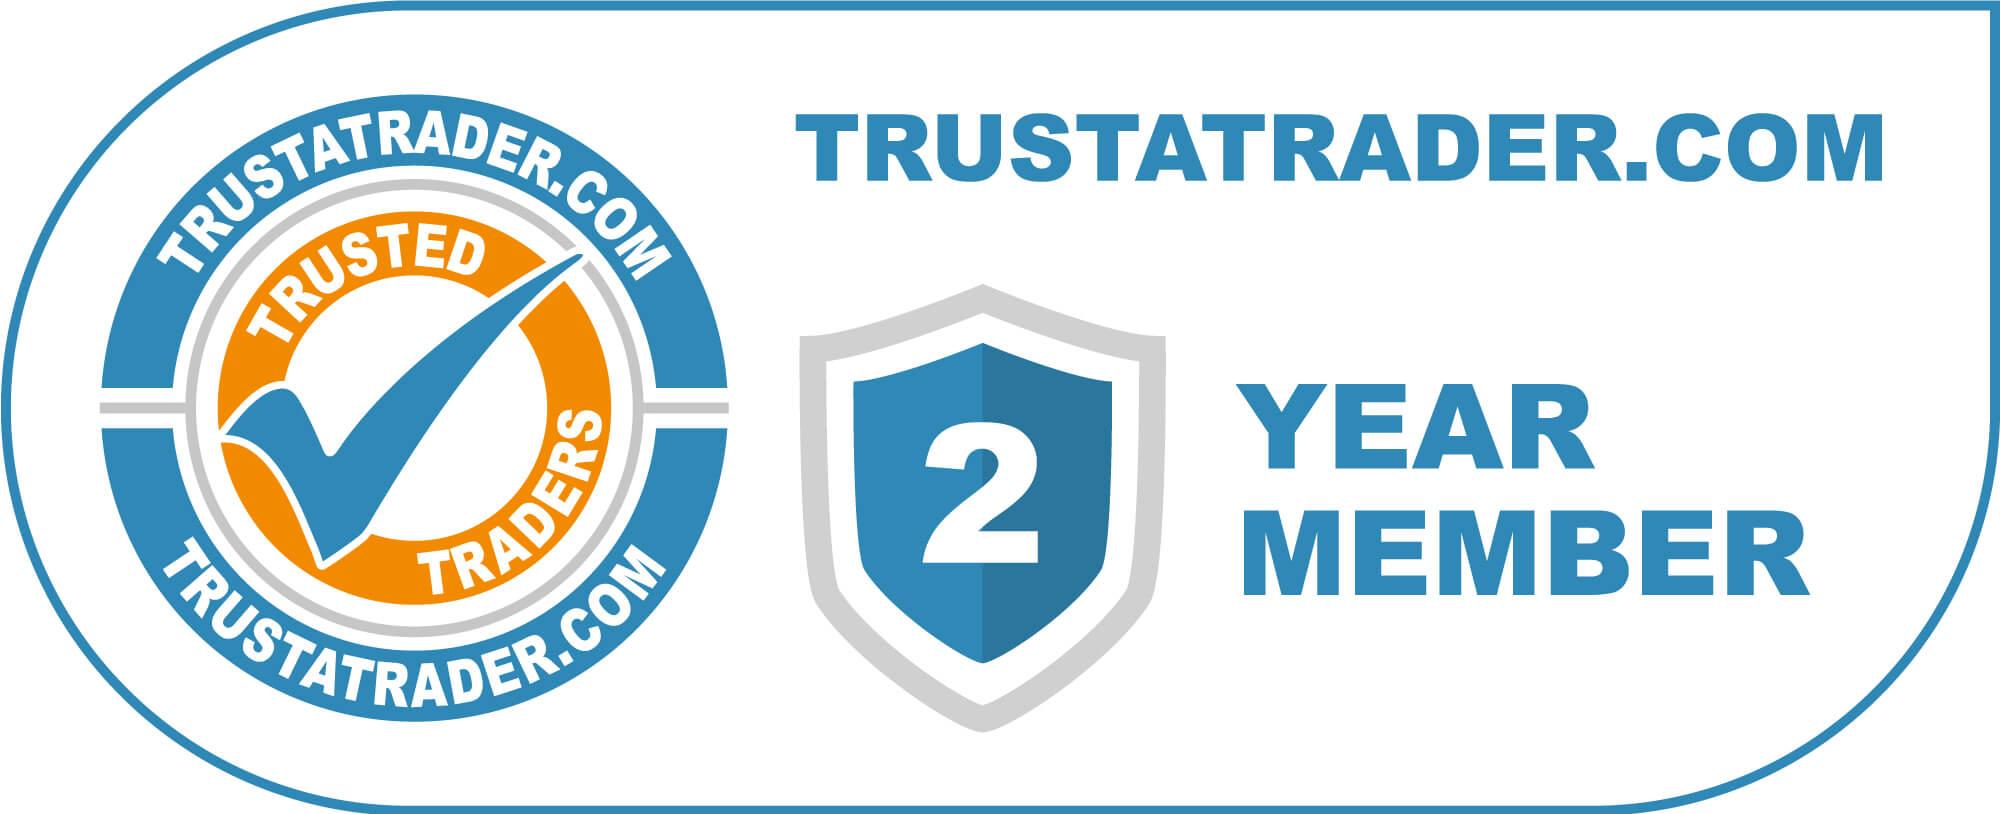 1st Homes 2 Year member of TRUSTATRADER.COM